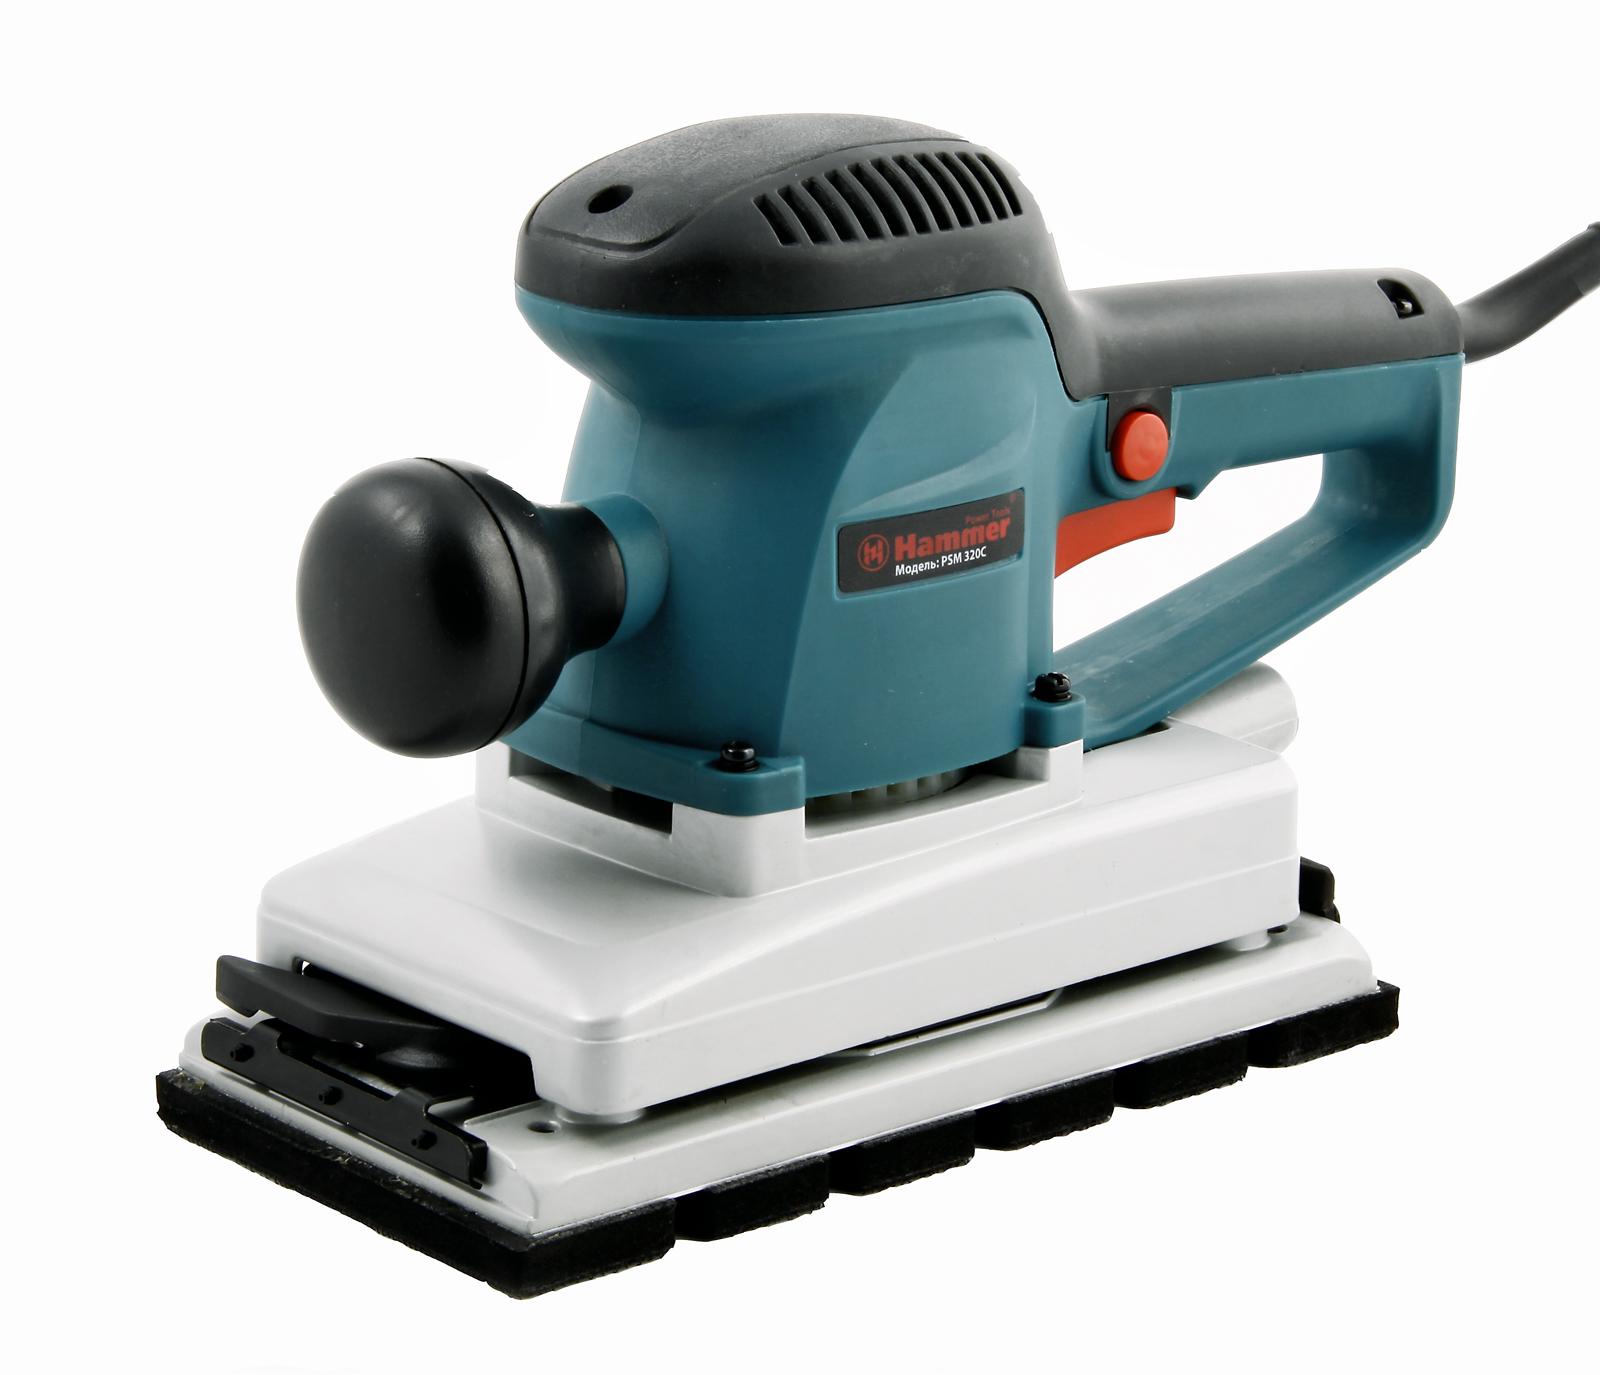 Машинка шлифовальная плоская (вибрационная) Hammer Psm320c premium